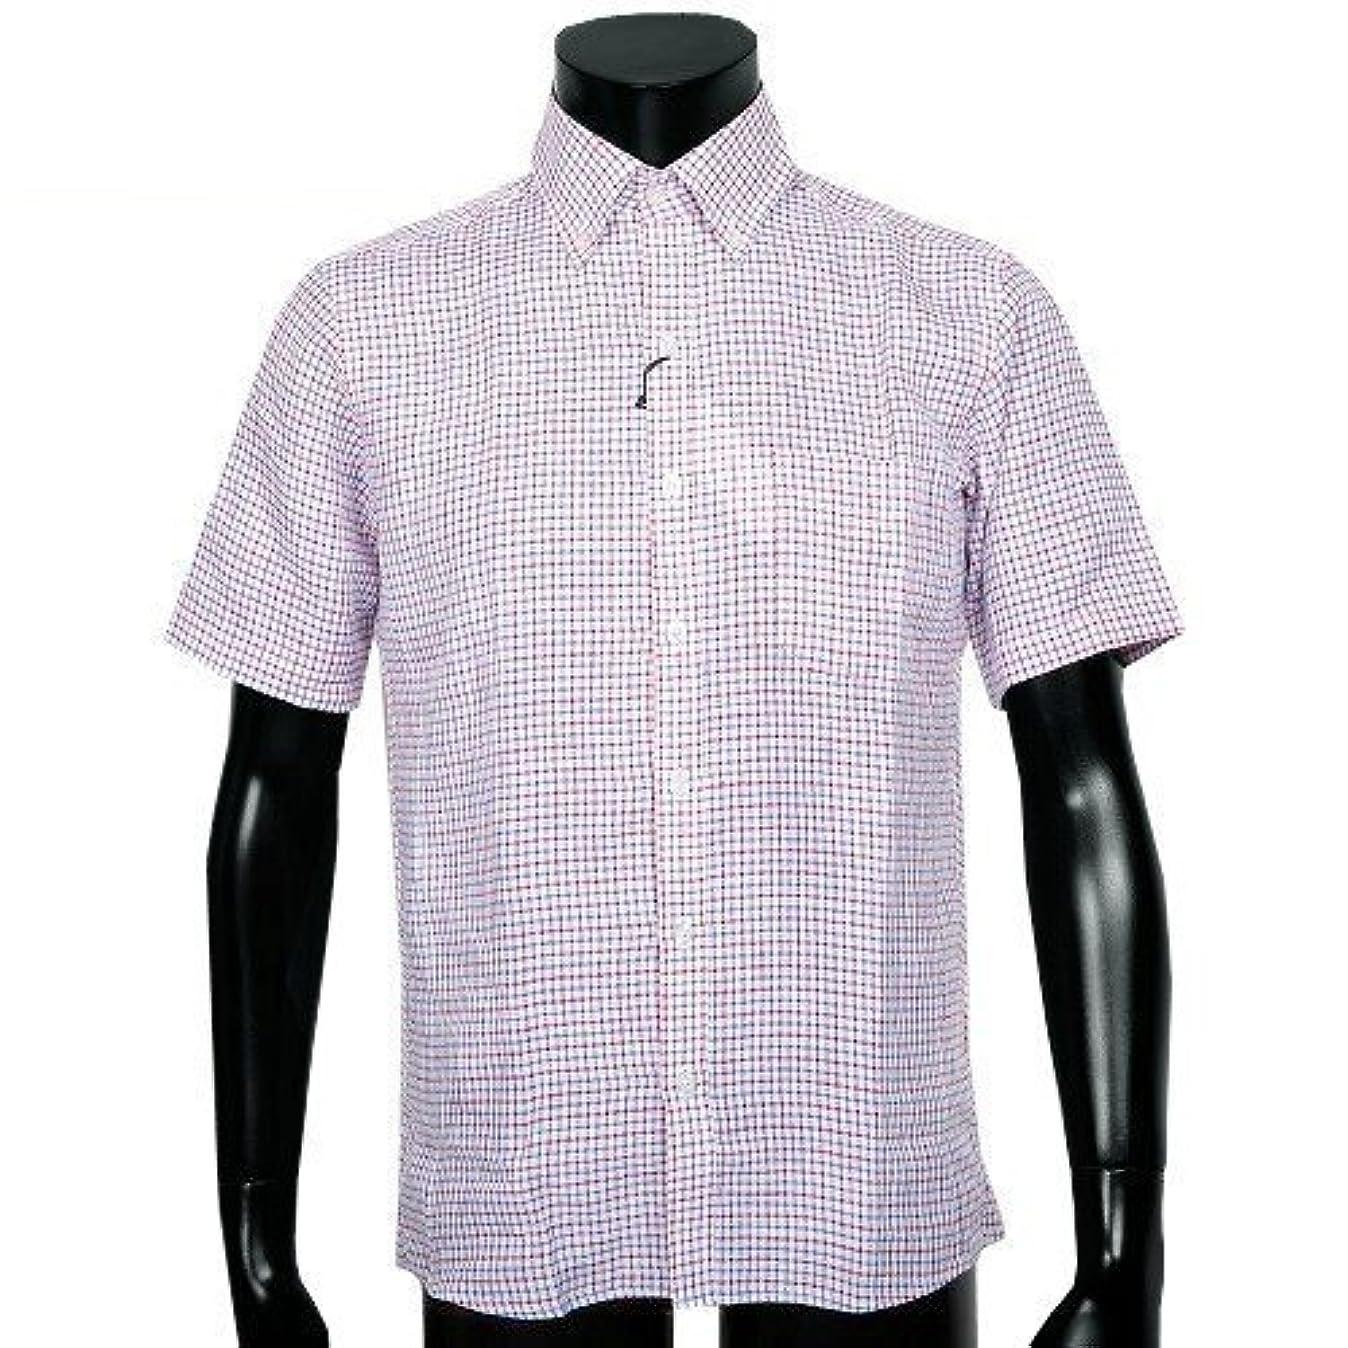 区別する約設定レパートリー【VISARUNO】ビサルノ フレンチリネンギンガムチェックシャツ(半袖) 赤 size M